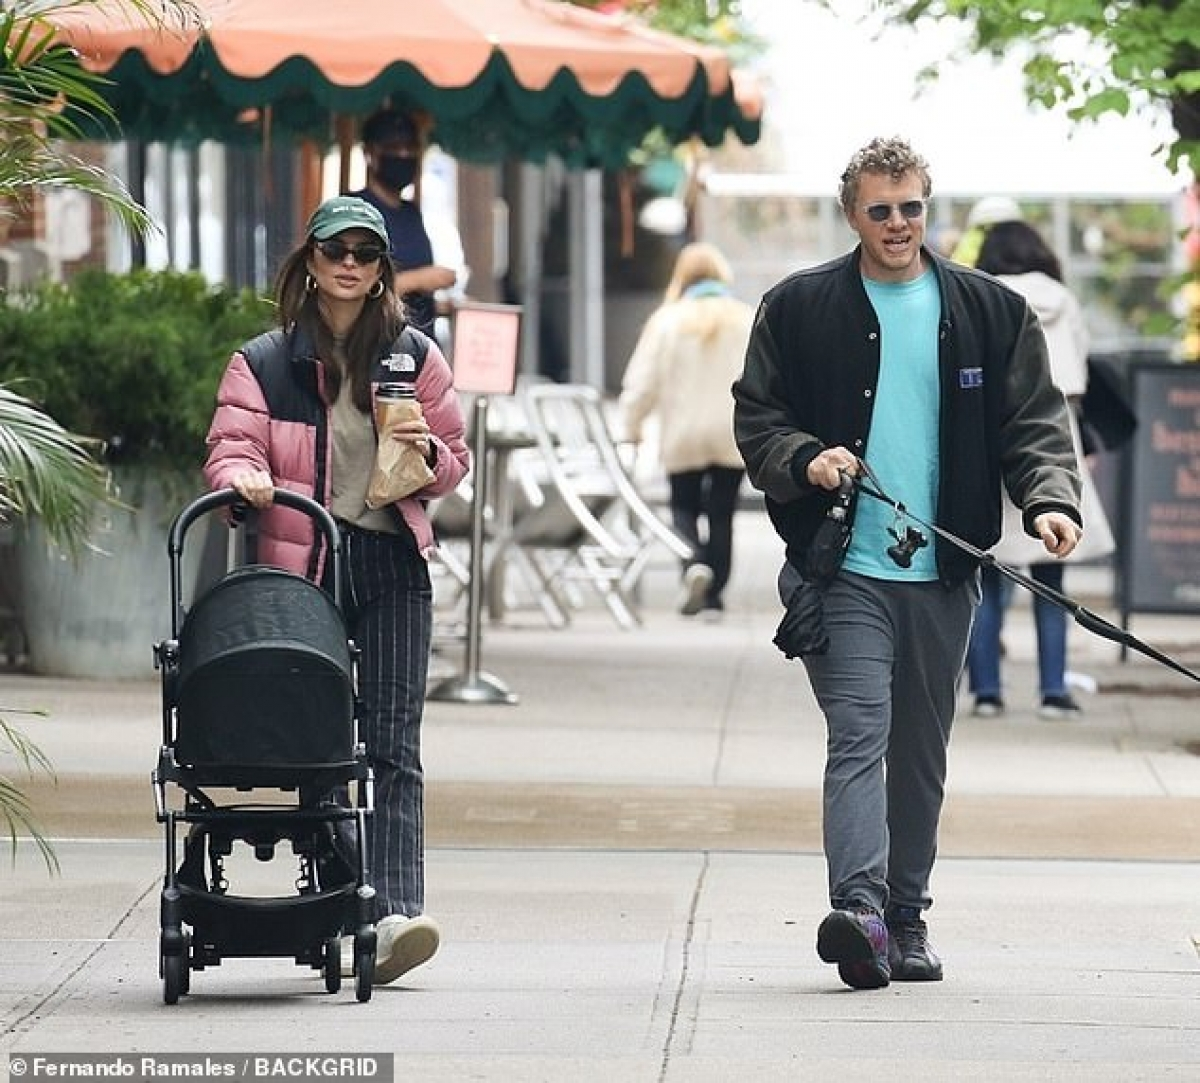 Cuối tuần, Emily Ratajkowski đã cùng ông xã Sebastian Bear-McClard đưa bé Sylvester đi dạo ở New York dịp cuối tuần.